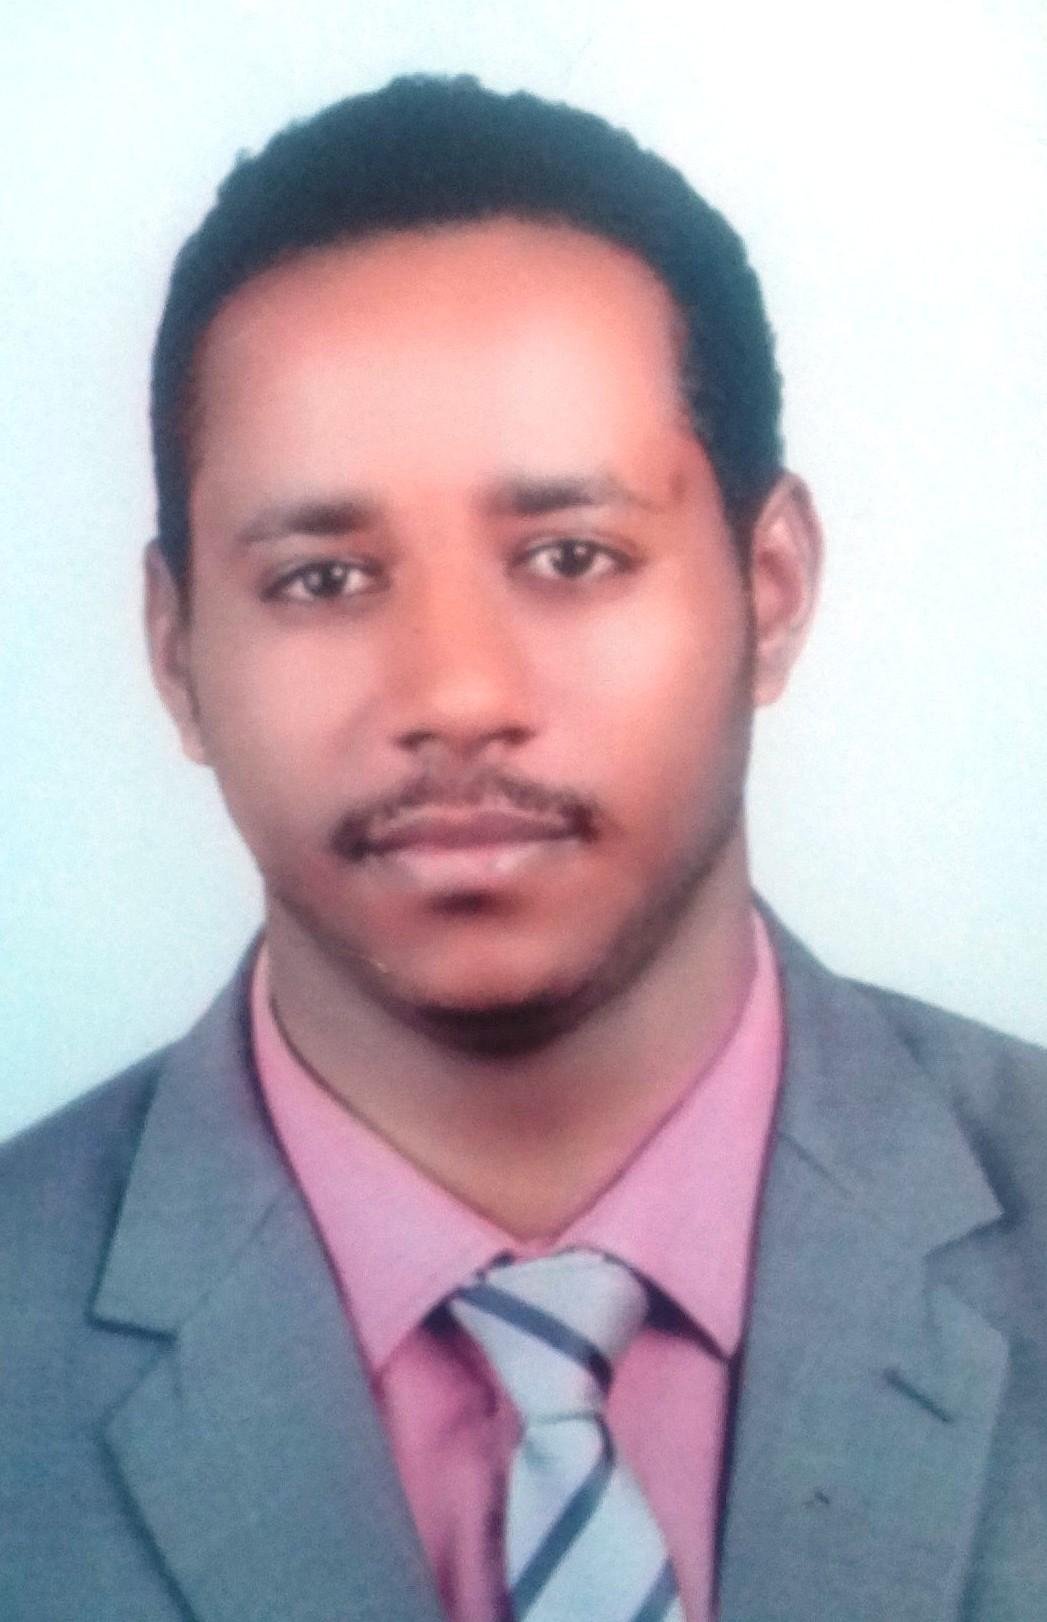 Rudwan Khalil Abubaker